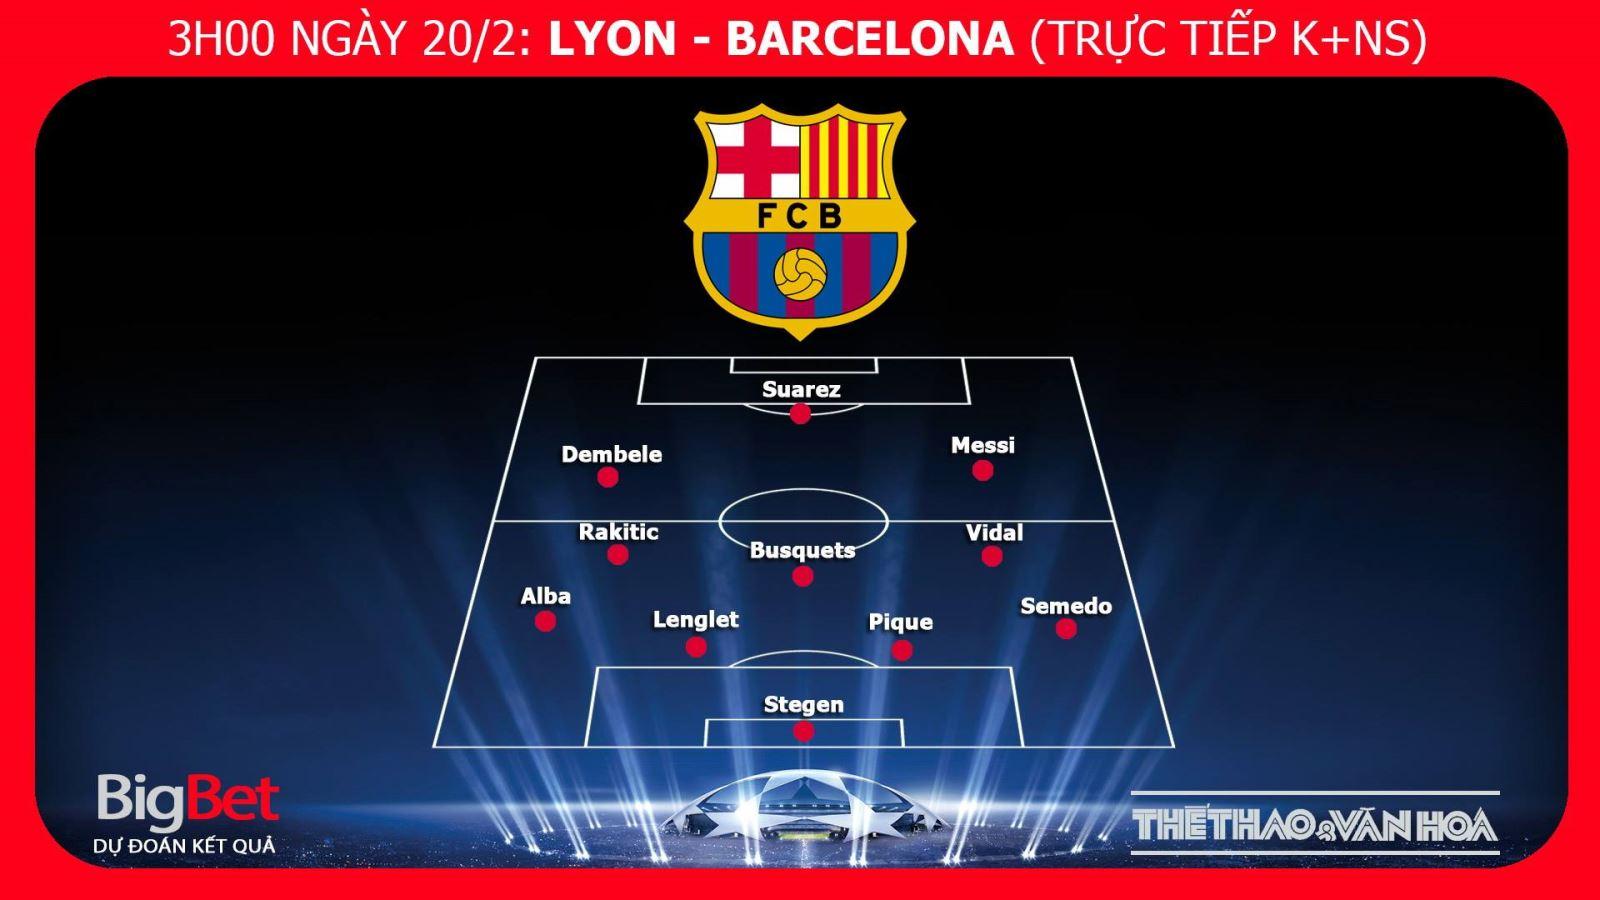 Kèo bóng đá, Soi kèo Lyon Barca, kèo Barca vs Lyon, kèo Lyon Barca, kèo Barca, trực tiếp bóng đá, trực tiếp Lyon Barcelona, truc tiep Barca, truc tiep bong da